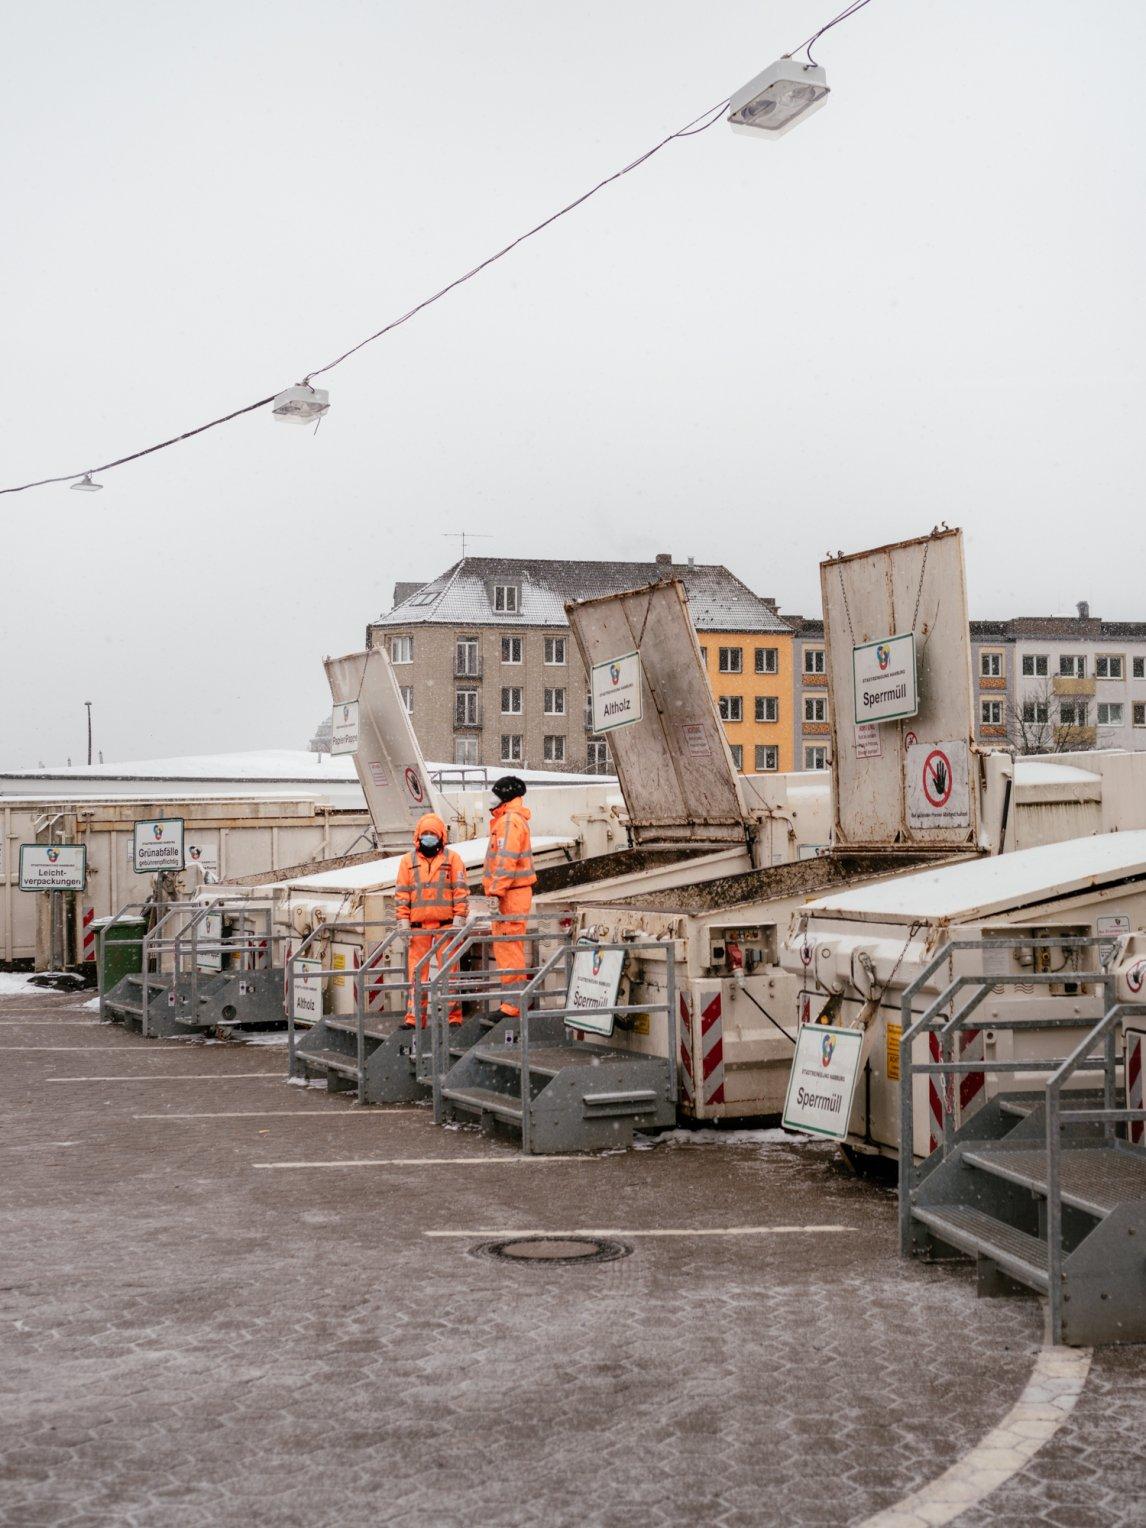 <p>Auf dem Recyclinghof St. Pauli hat jede Abfallsorte ihren eigenen Container</p>